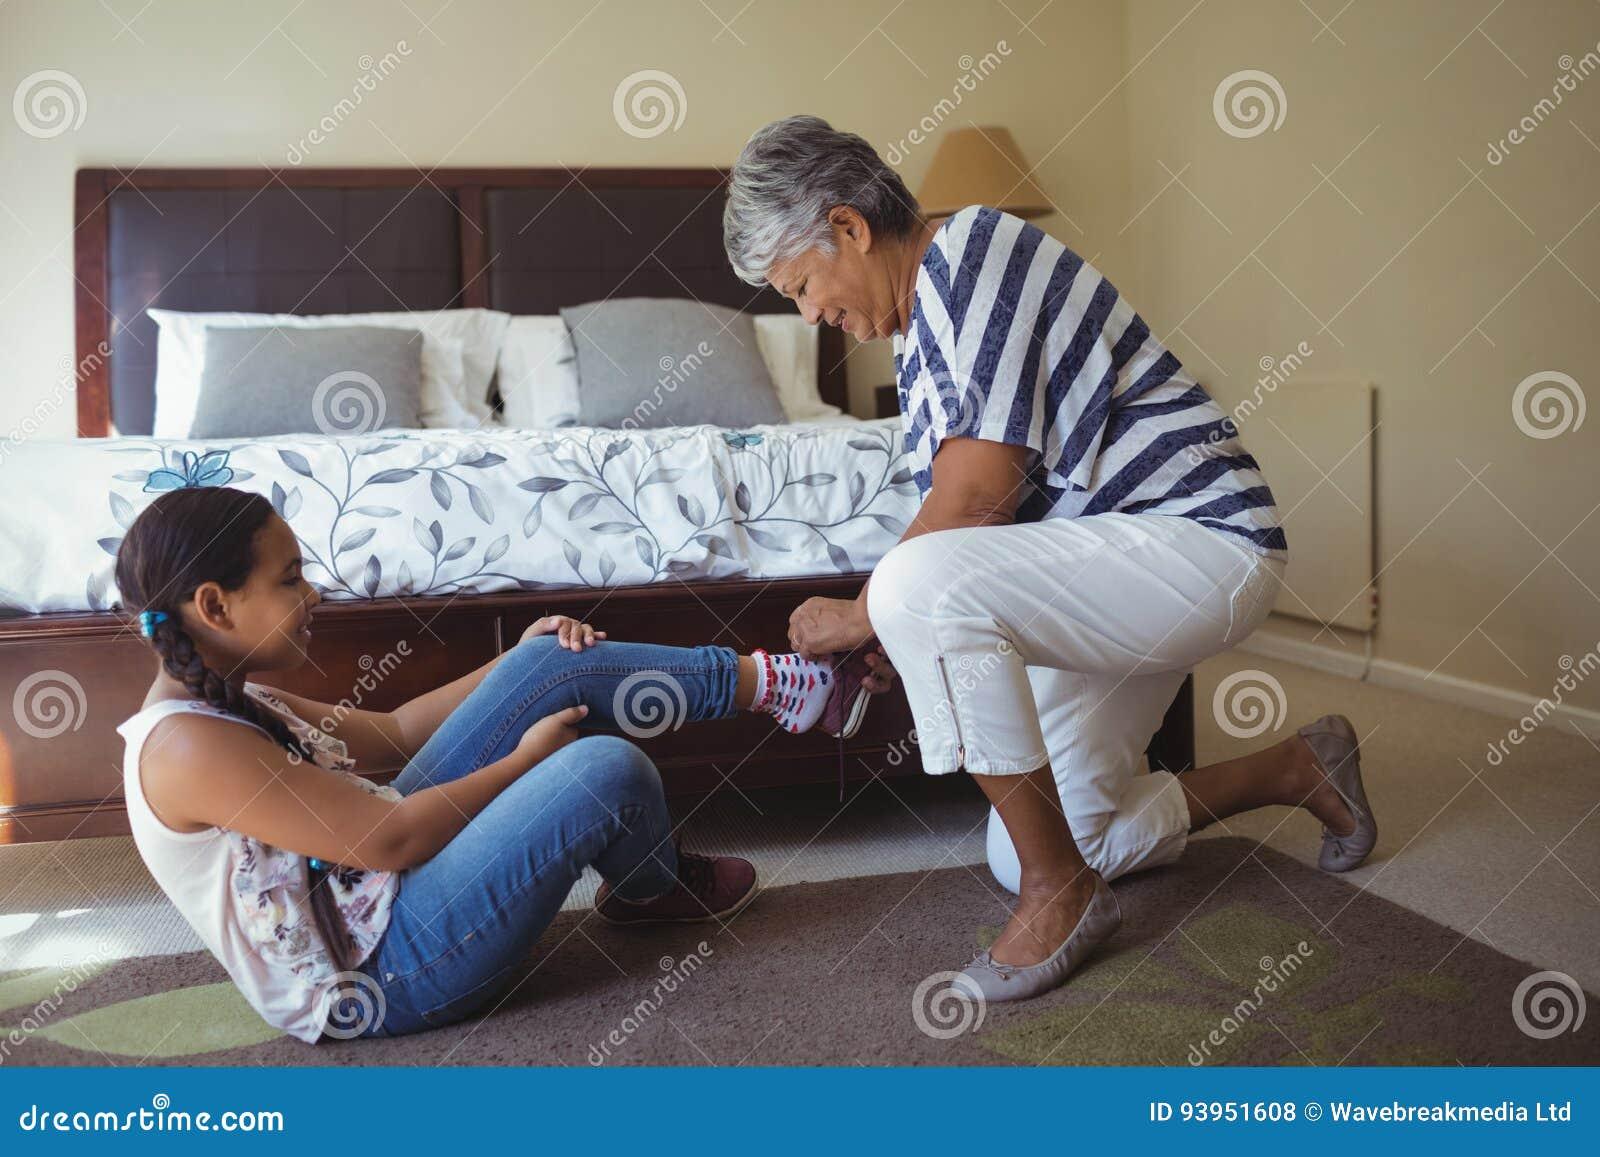 Petite Fille De Aide De Grand Mère Pour Porter Des Chaussures Dans La Chambre  De Lit à La Maison